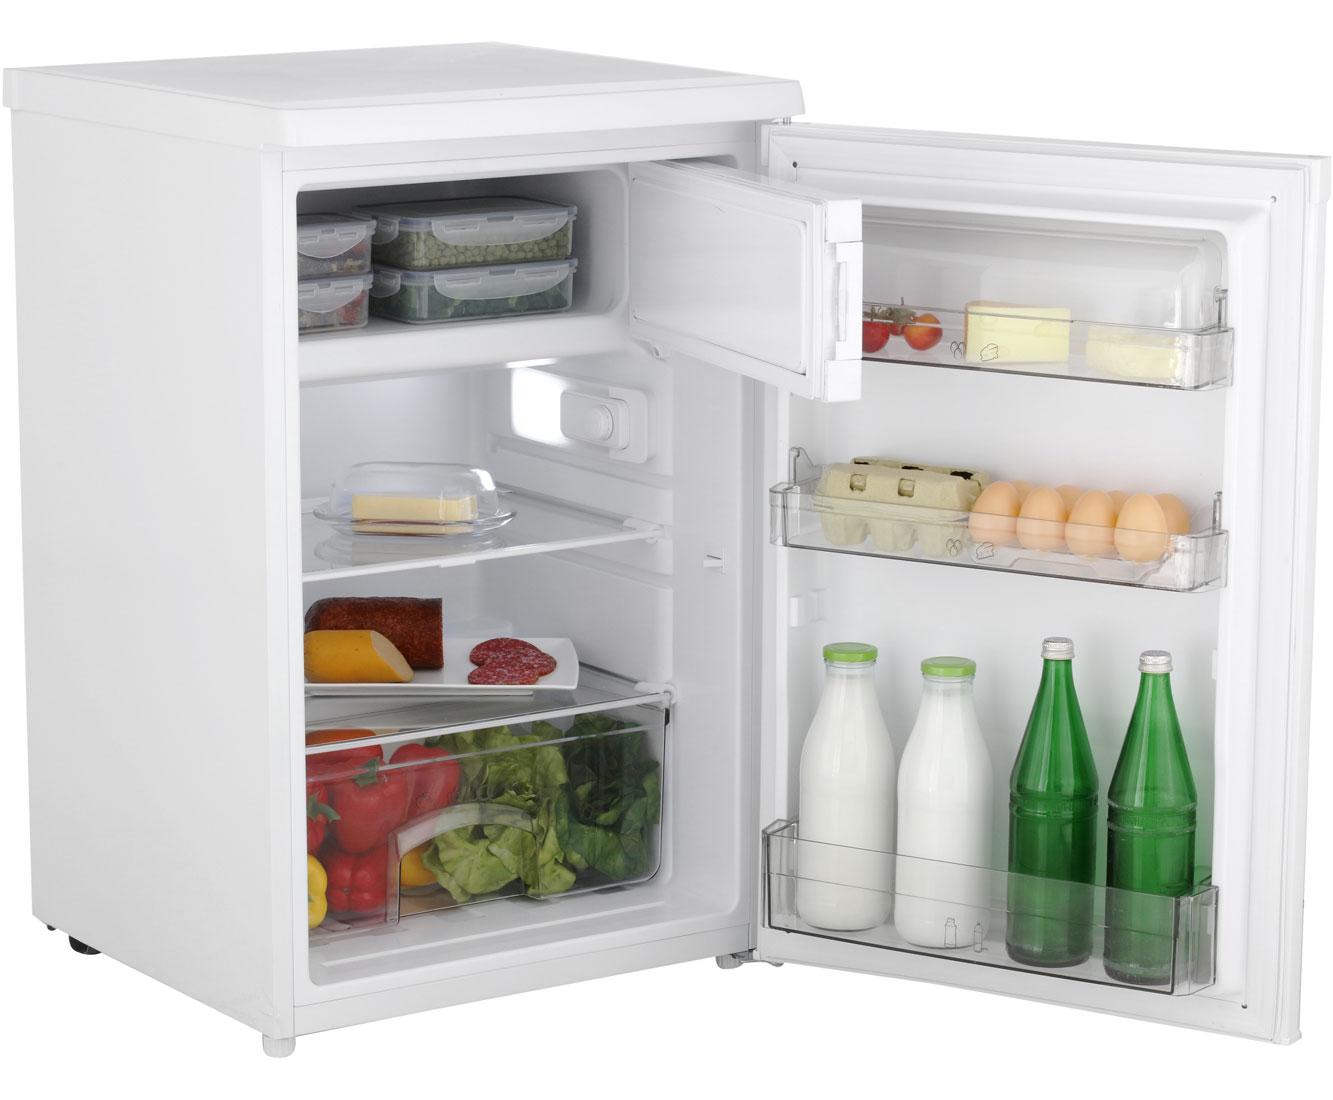 Mini Kühlschrank Mit Gefrierfach Für Pizza : Exquisit ks 16 4.1 a kühlschrank mit gefrierfach weiß a